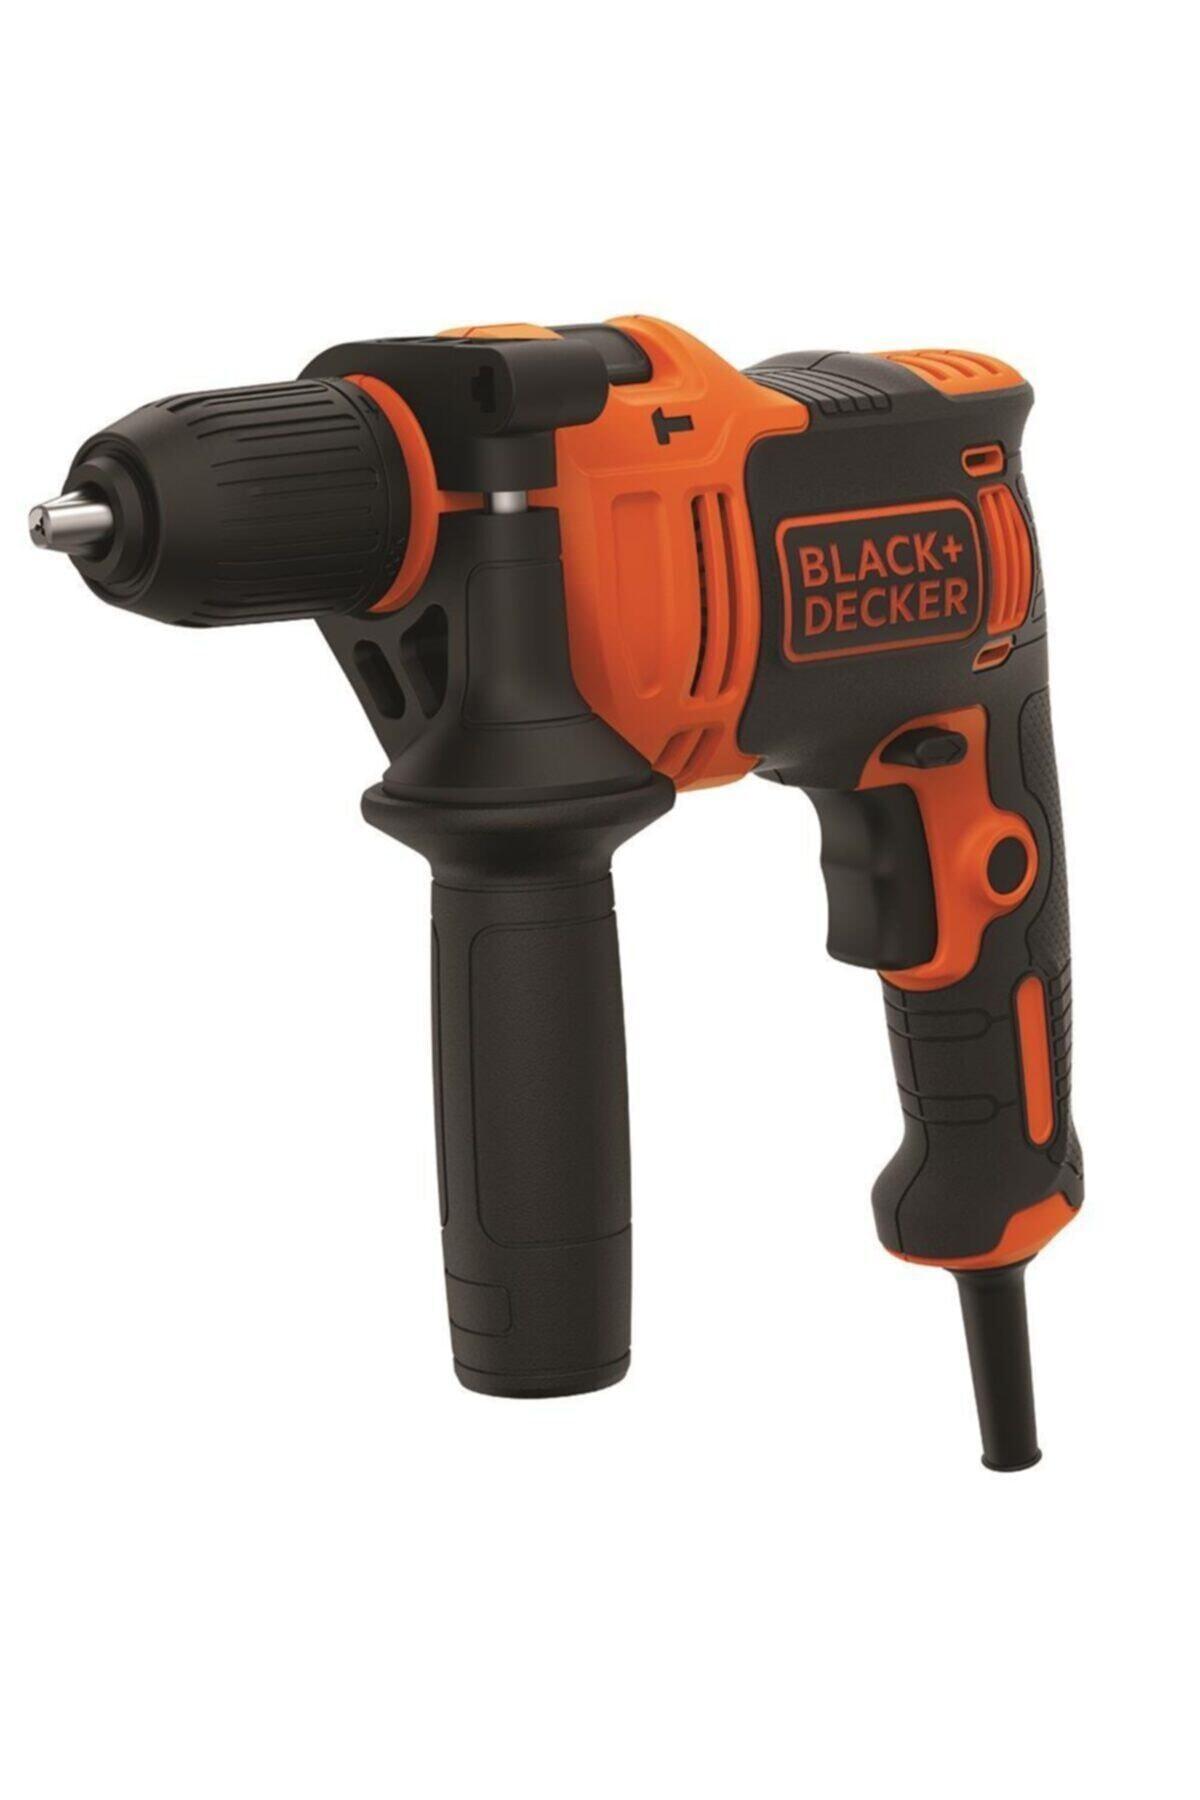 Black&Decker 710w beh710  Darbeli Matkap 1